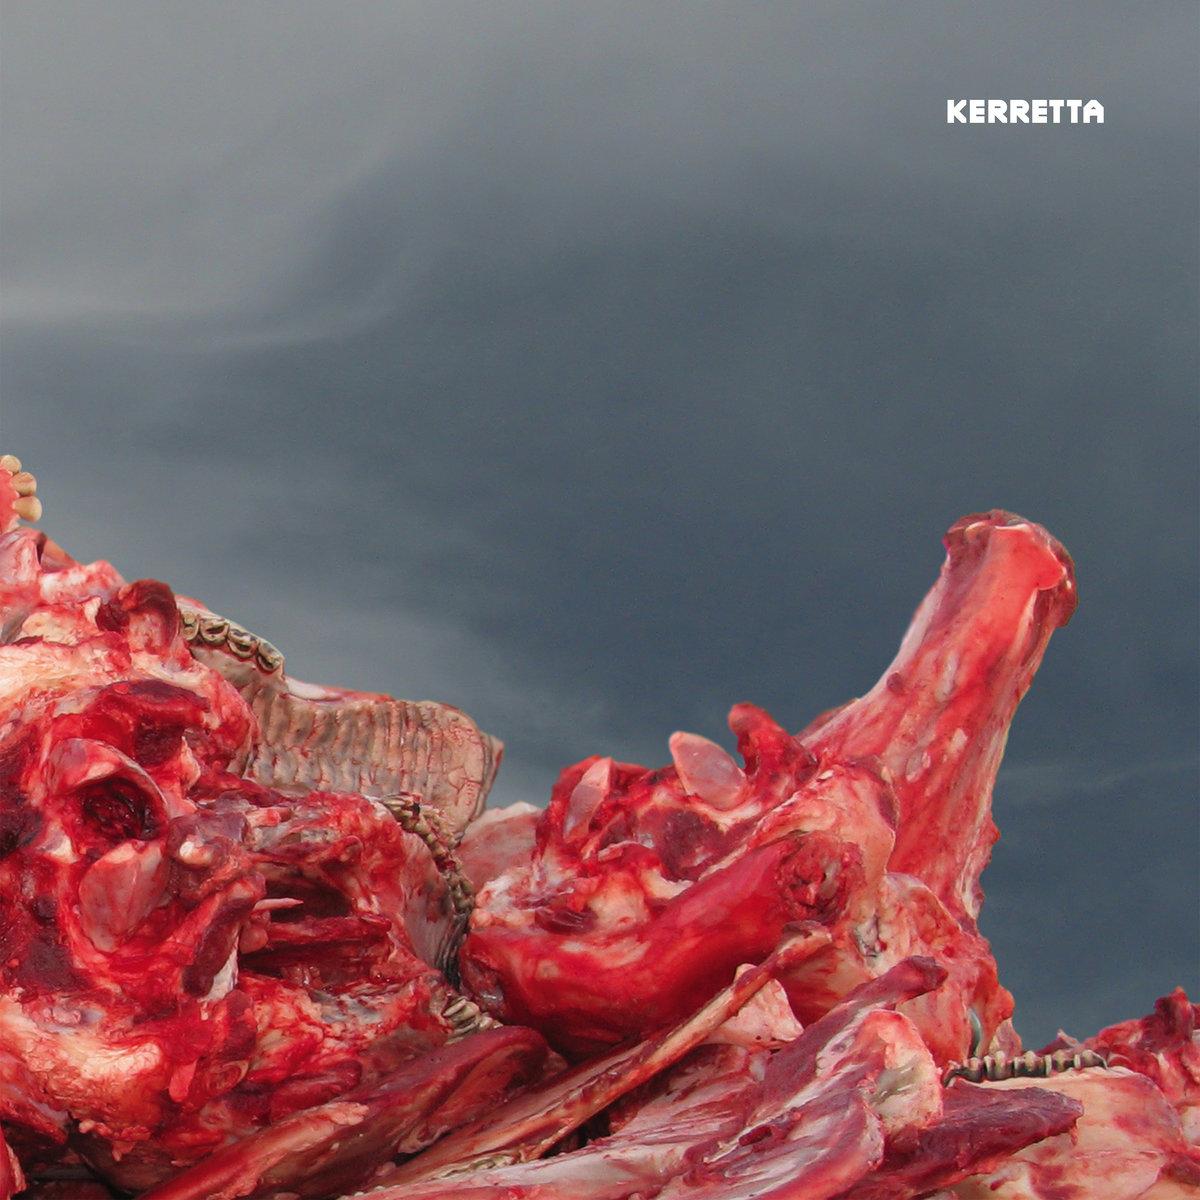 Kerretta - Exiscens - LP